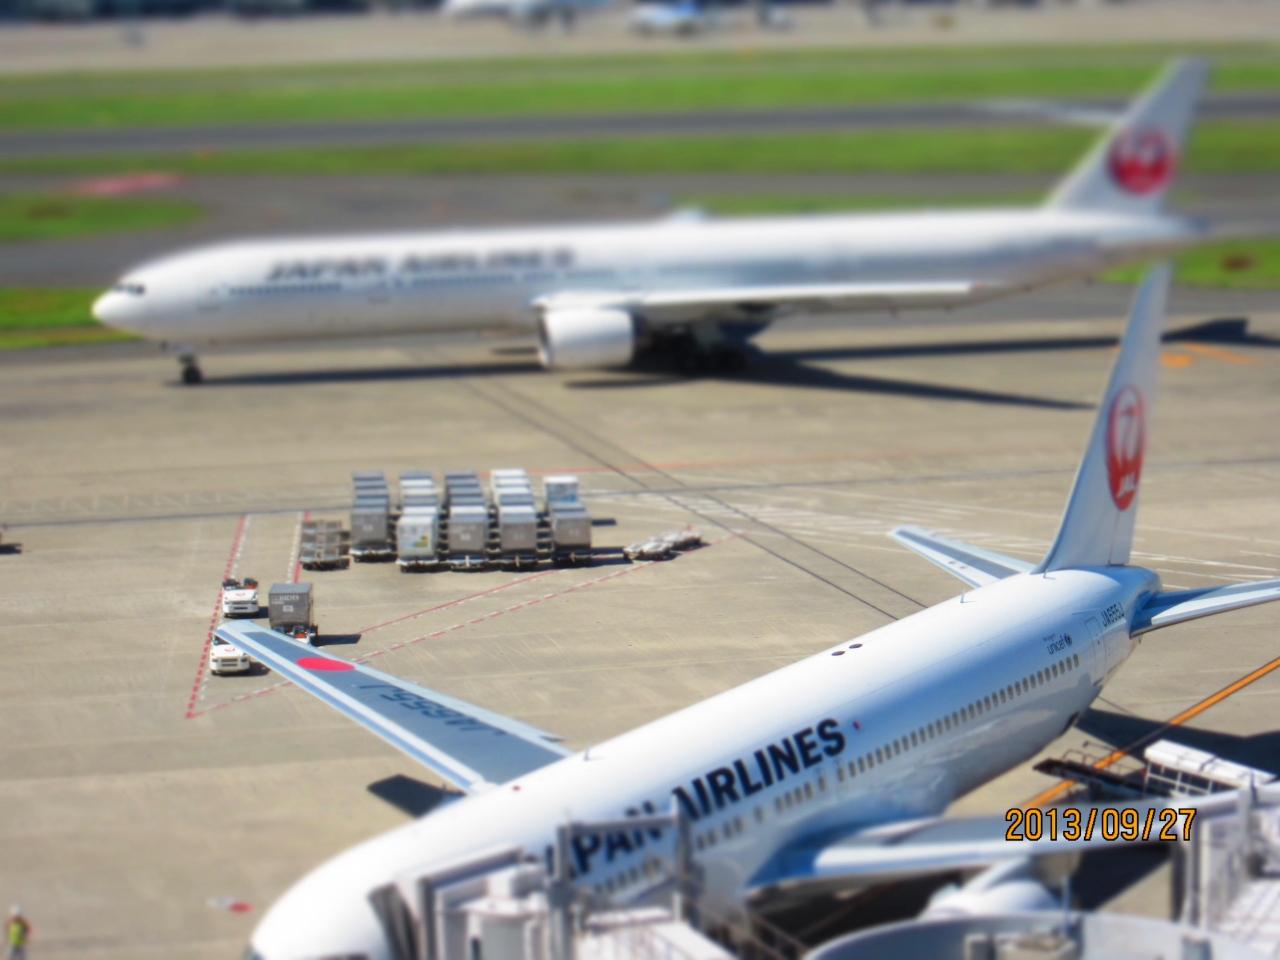 羽田空港で写真撮っちゃいました。』羽田(東京)の旅行記・ブログ by